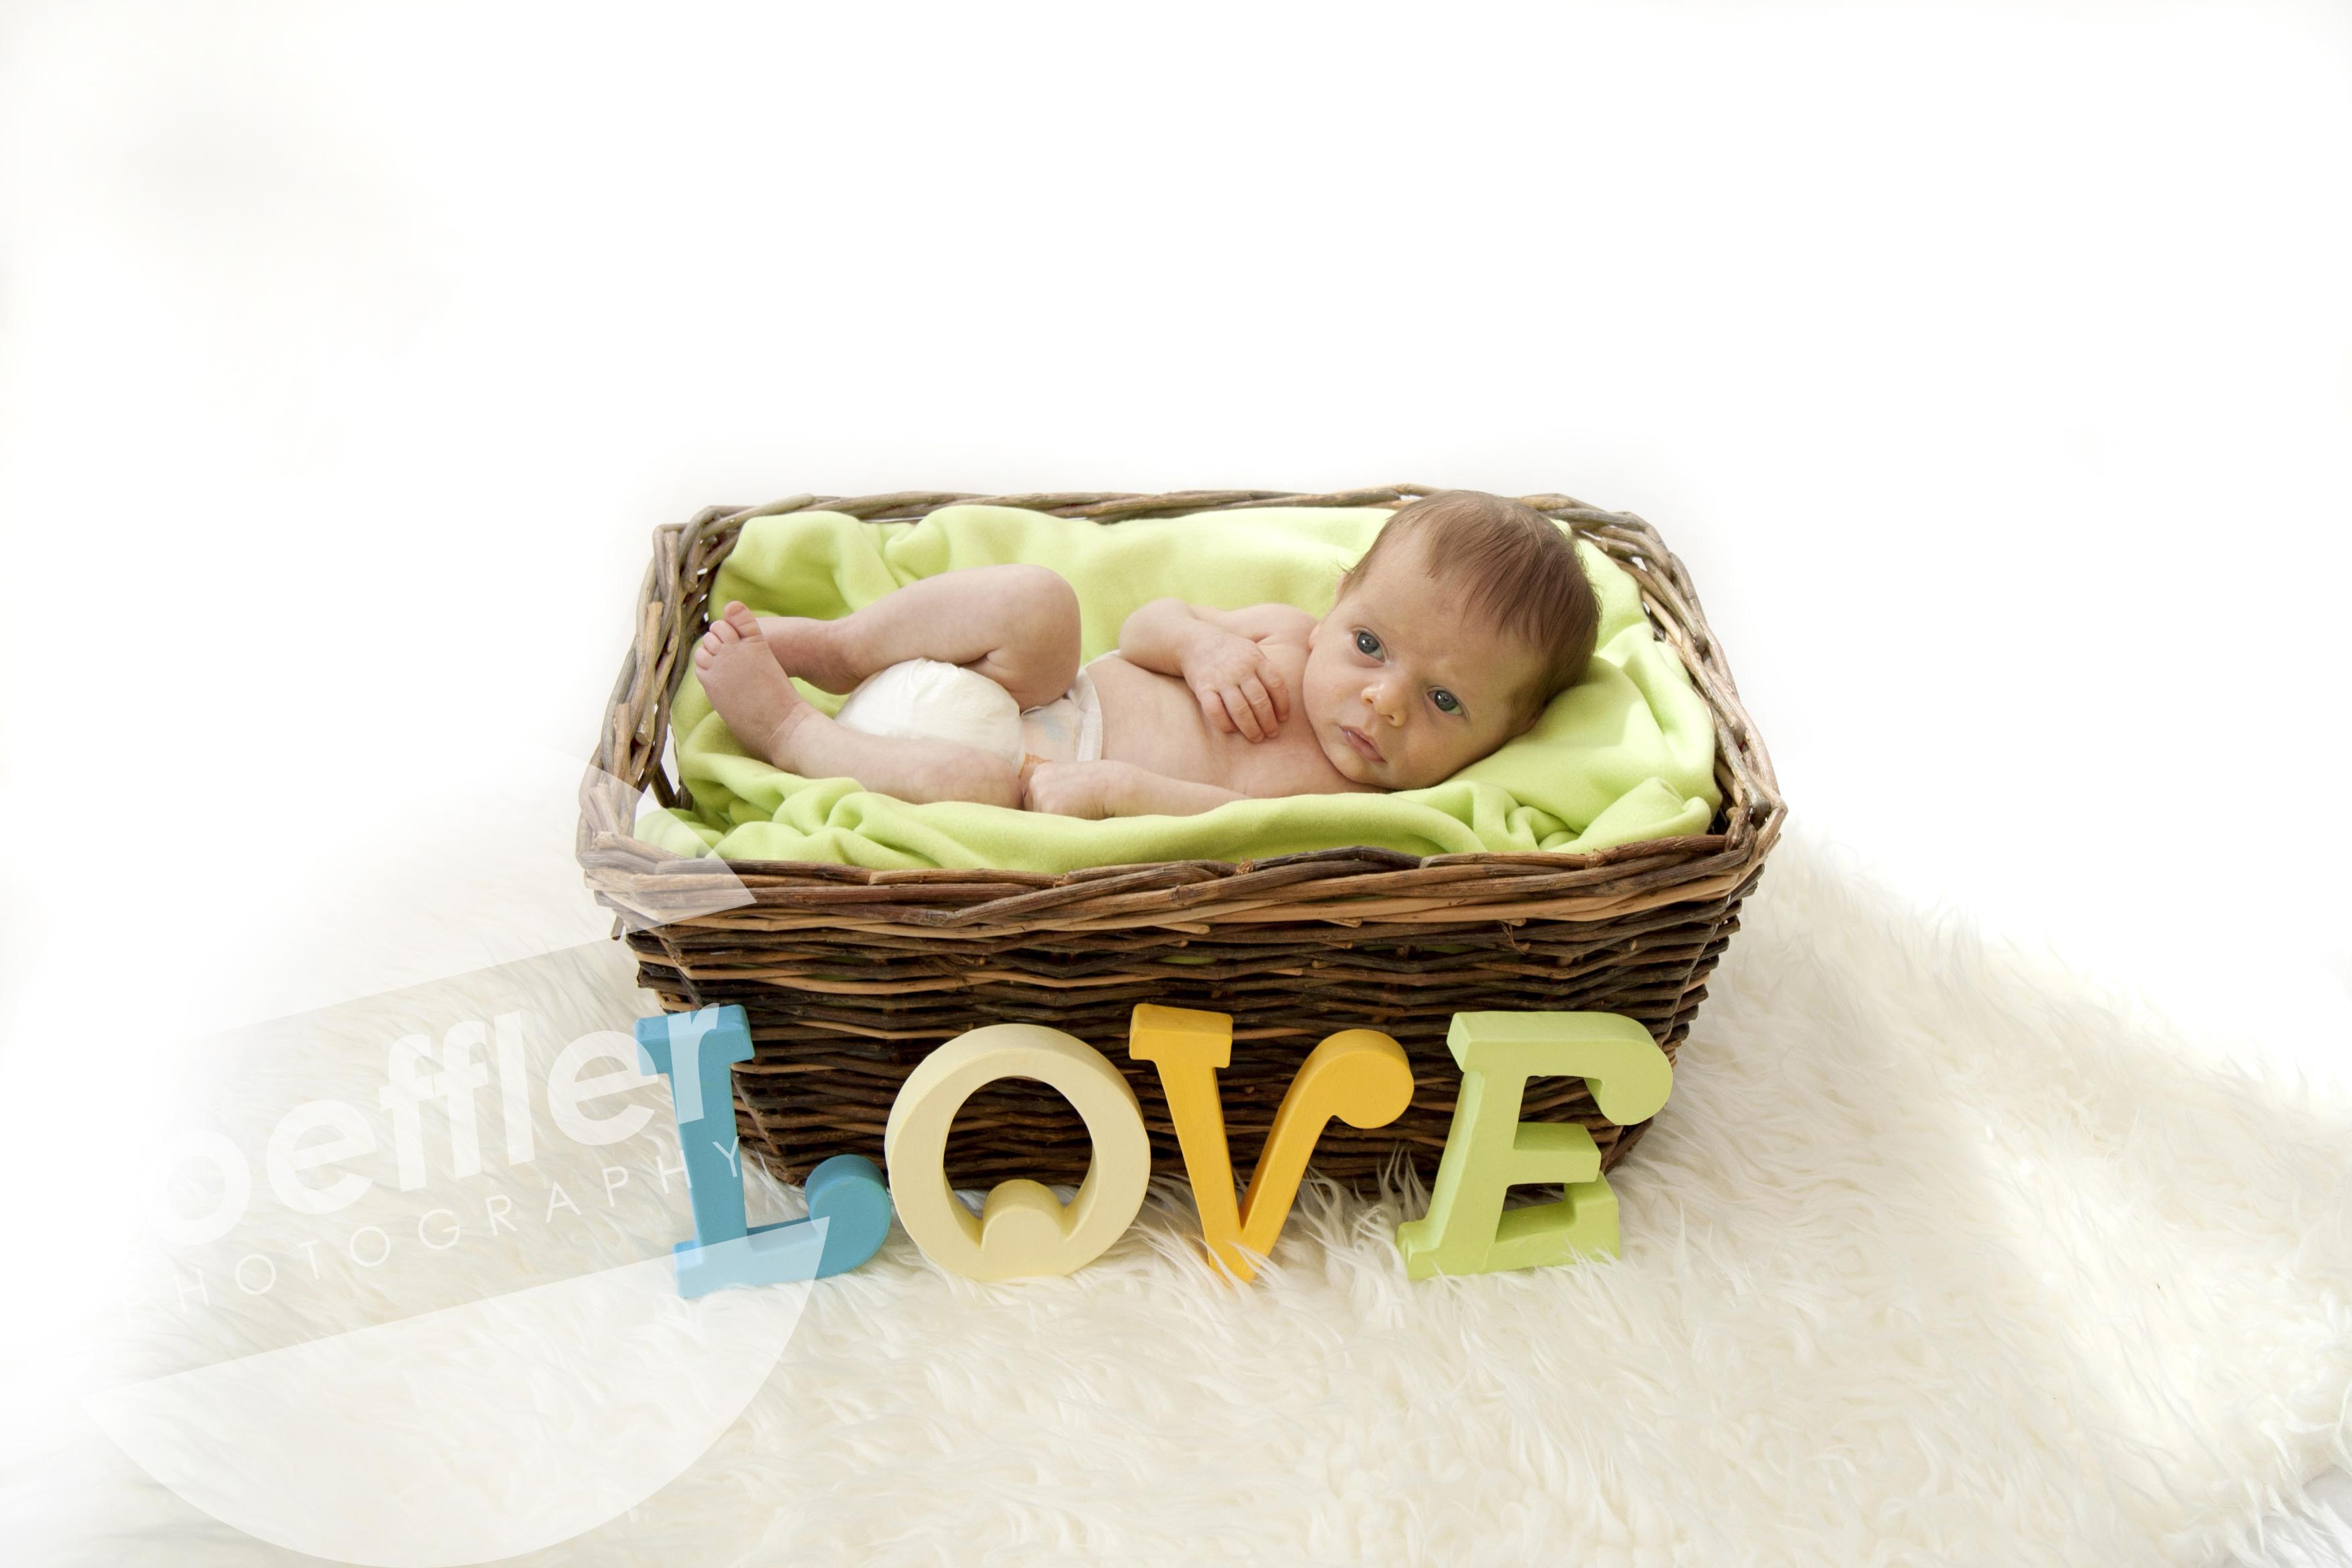 Nouveau-né dans panier